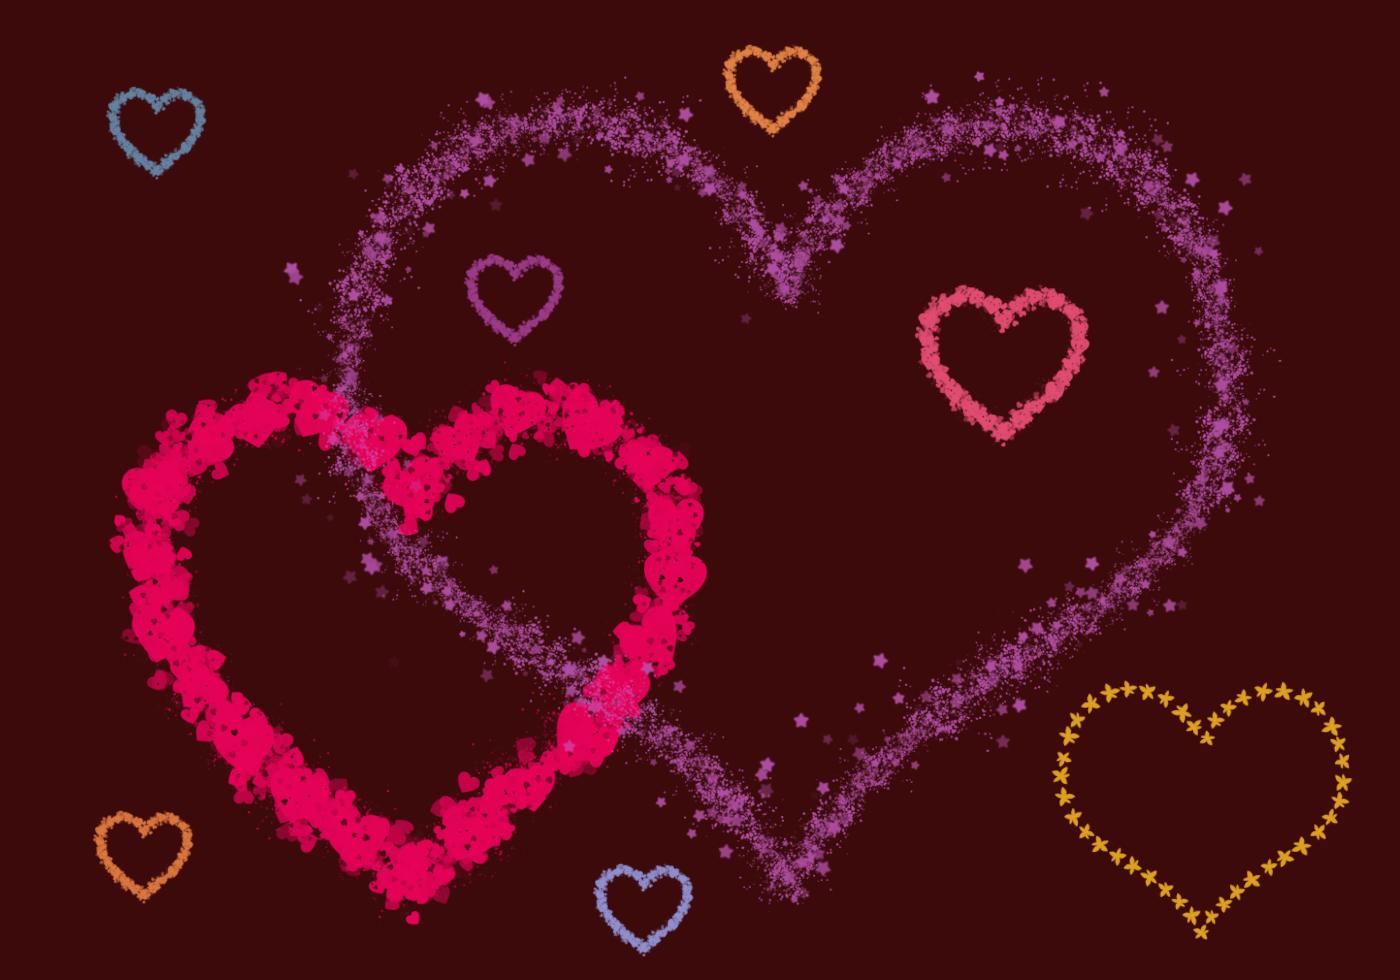 heart frames free photoshop brushes at brusheezy